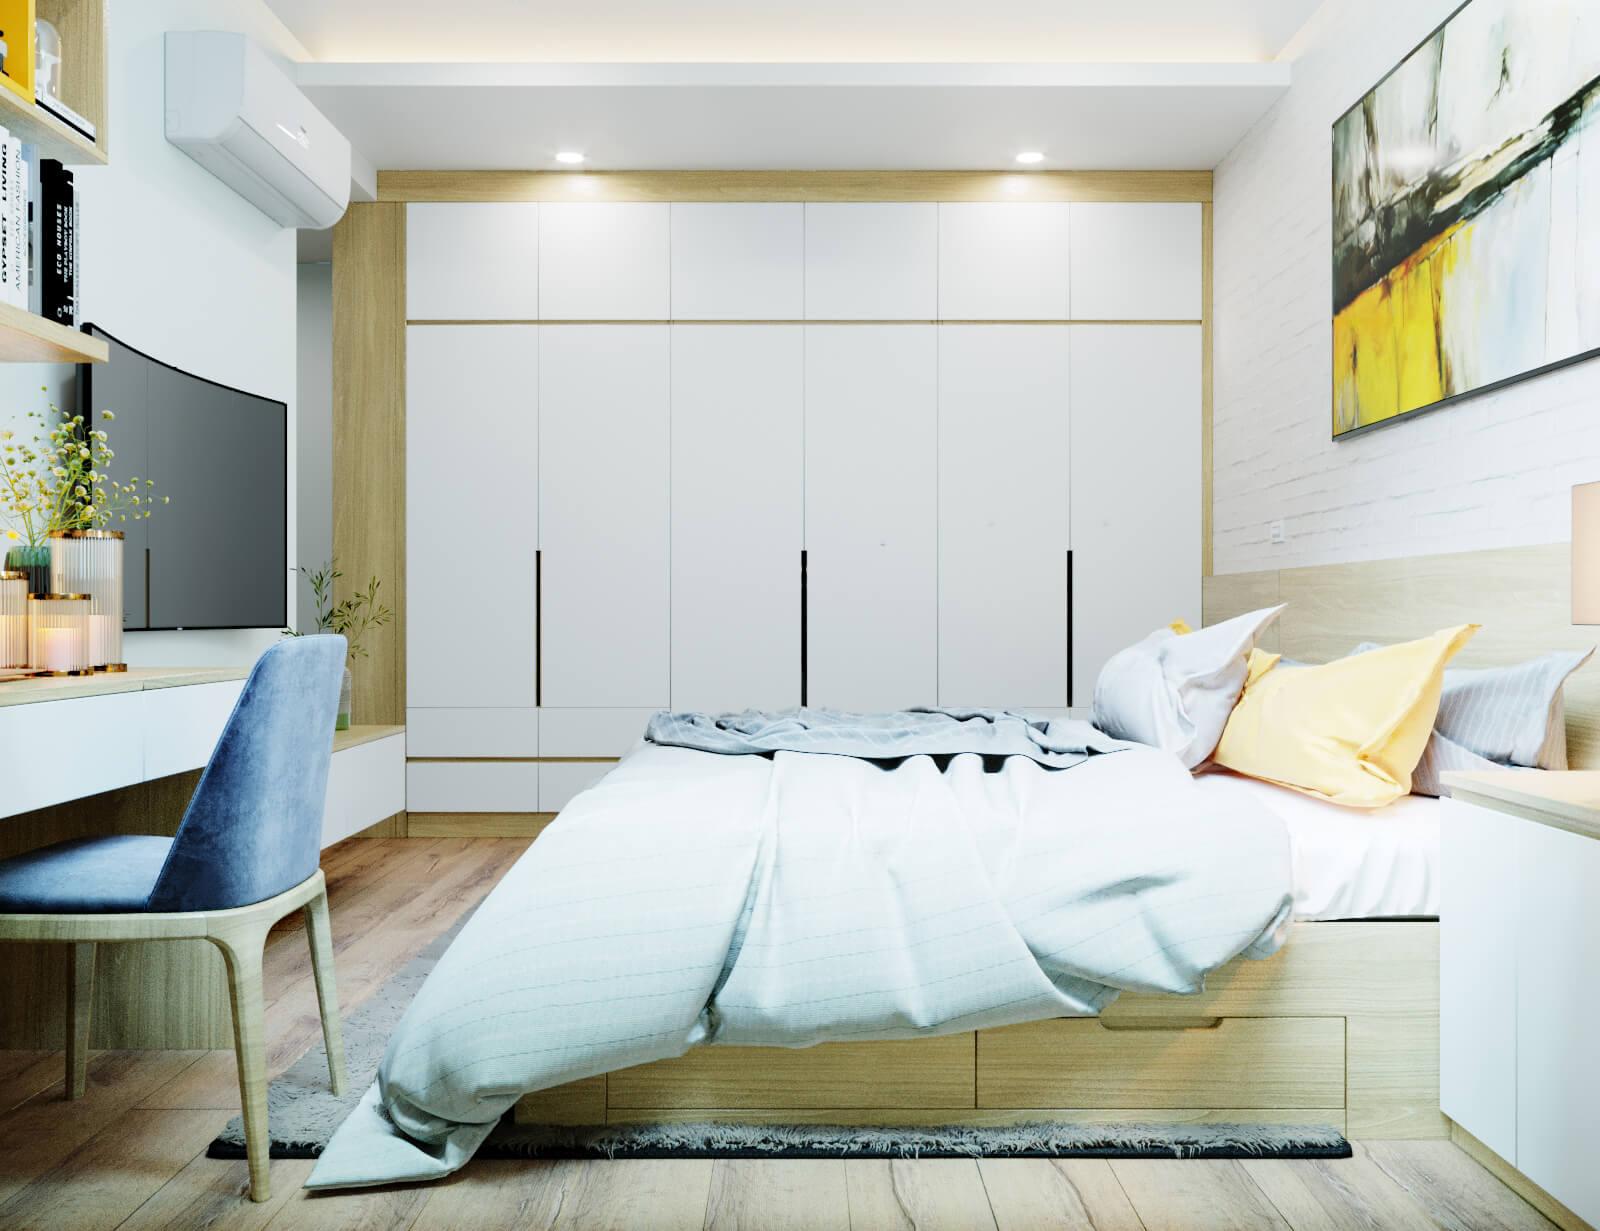 Làm sao để thiết kế phòng ngủ đẹp mà hợp với phong thủy